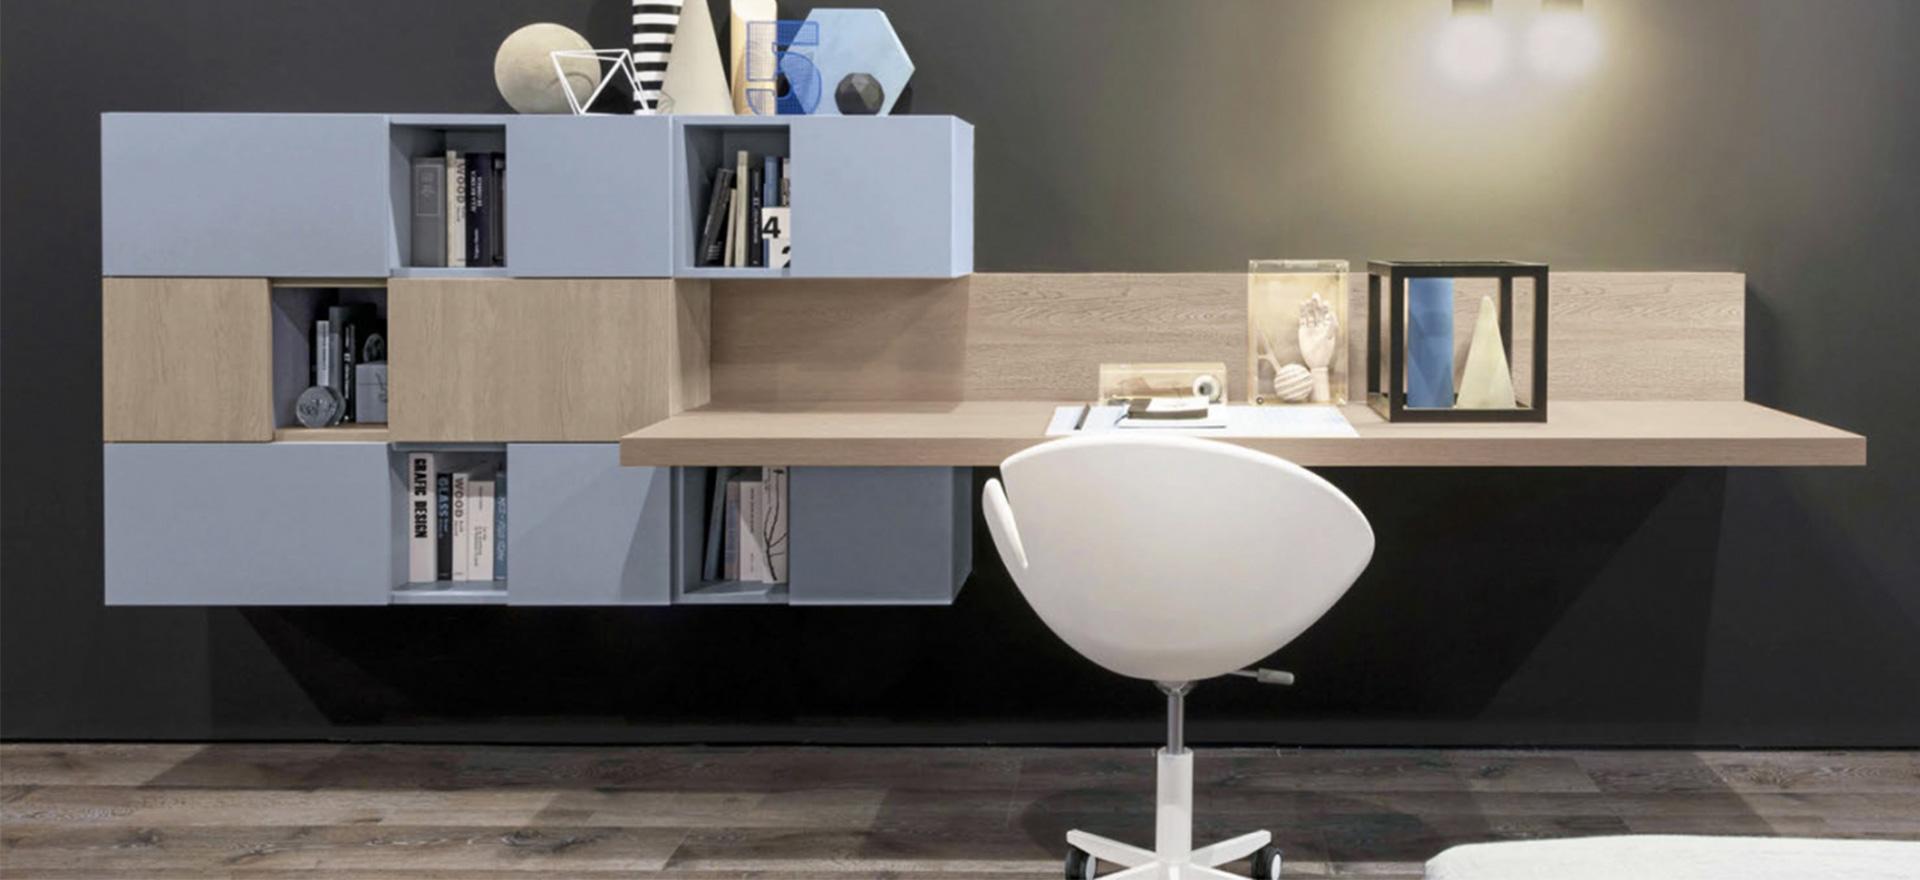 Kitchen-Furniture-Έπιπλα Κουζίνας-Kitchen-Studio-Living-&-More-MAIN-study-zalf